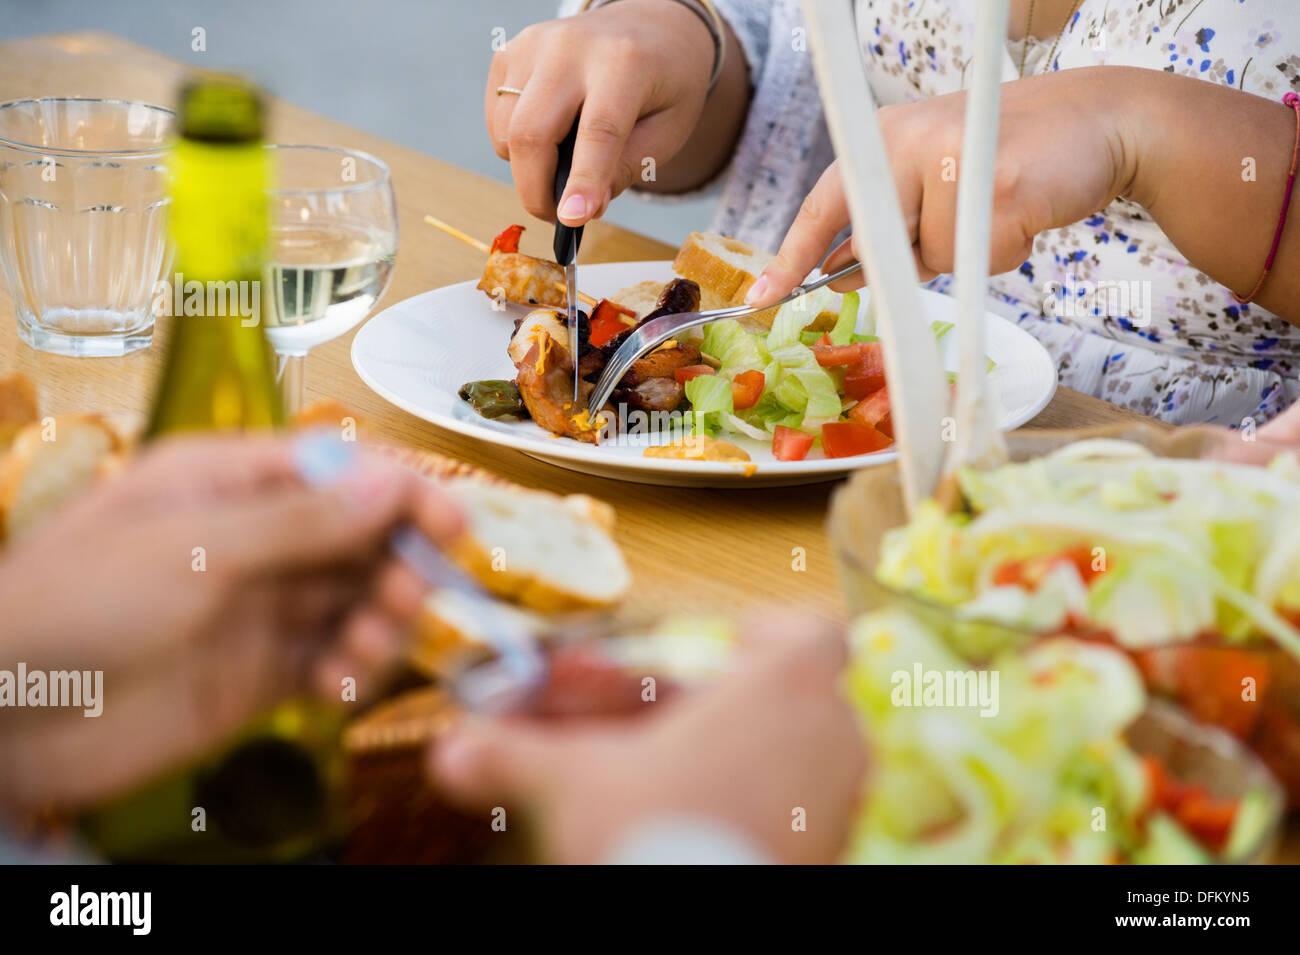 Mittelteil der Frau schneiden Stück Fleisch auf Teller am Tisch Stockbild